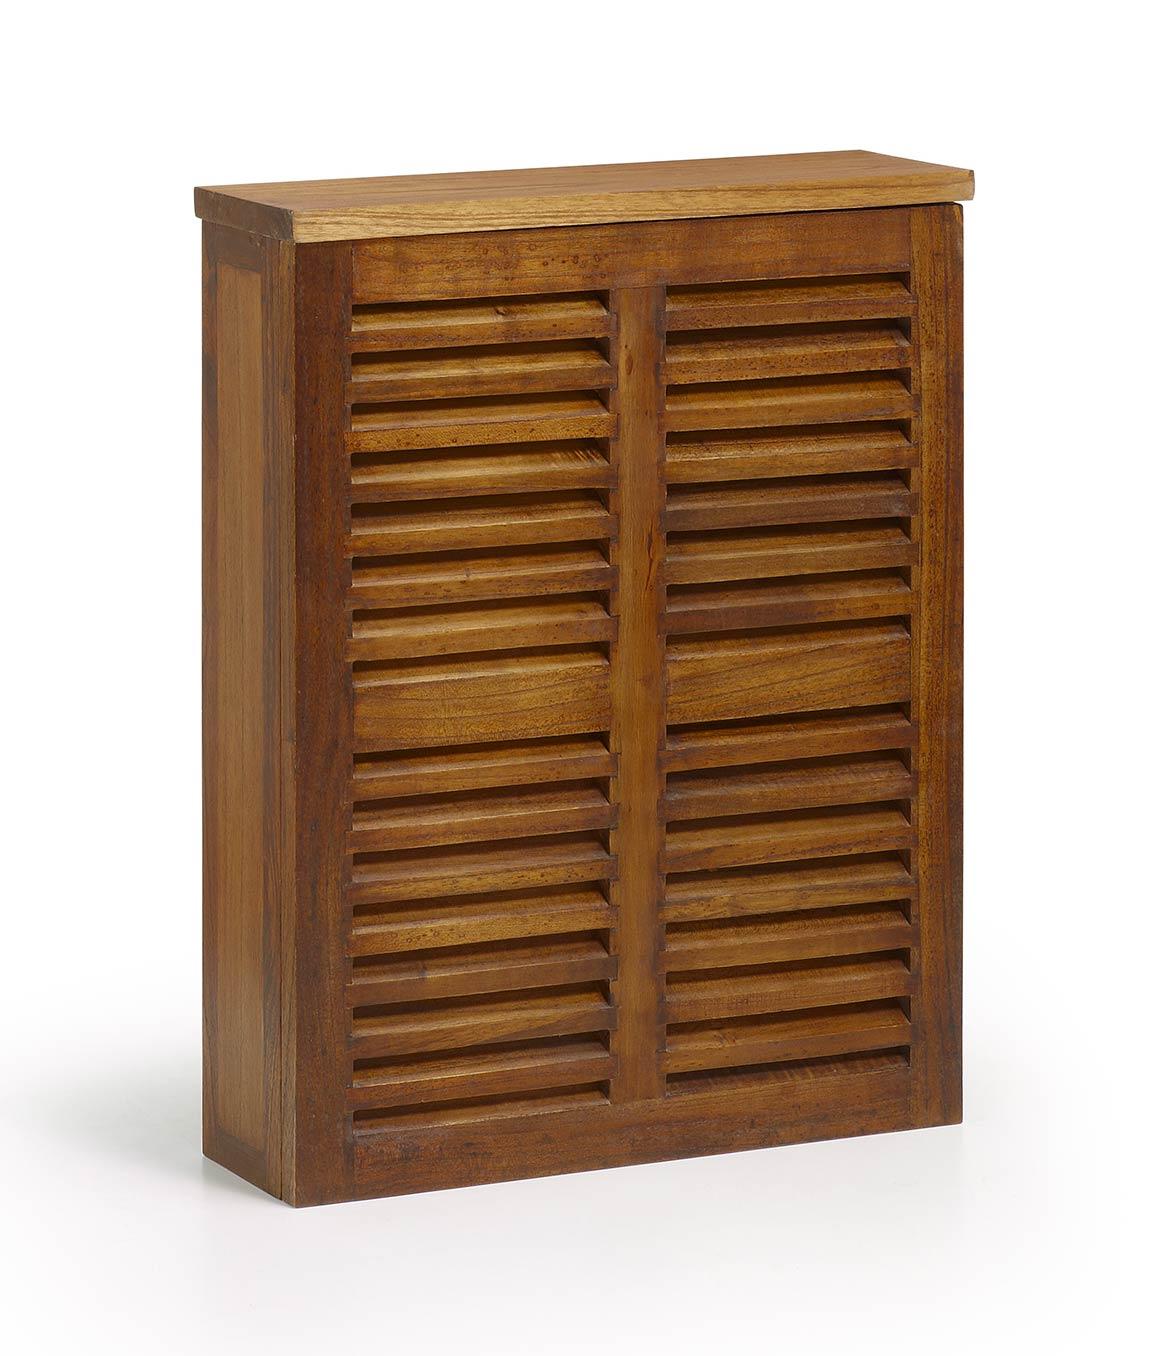 cache radiateur en bois de mindy 60 cm de longueur collection mawan. Black Bedroom Furniture Sets. Home Design Ideas